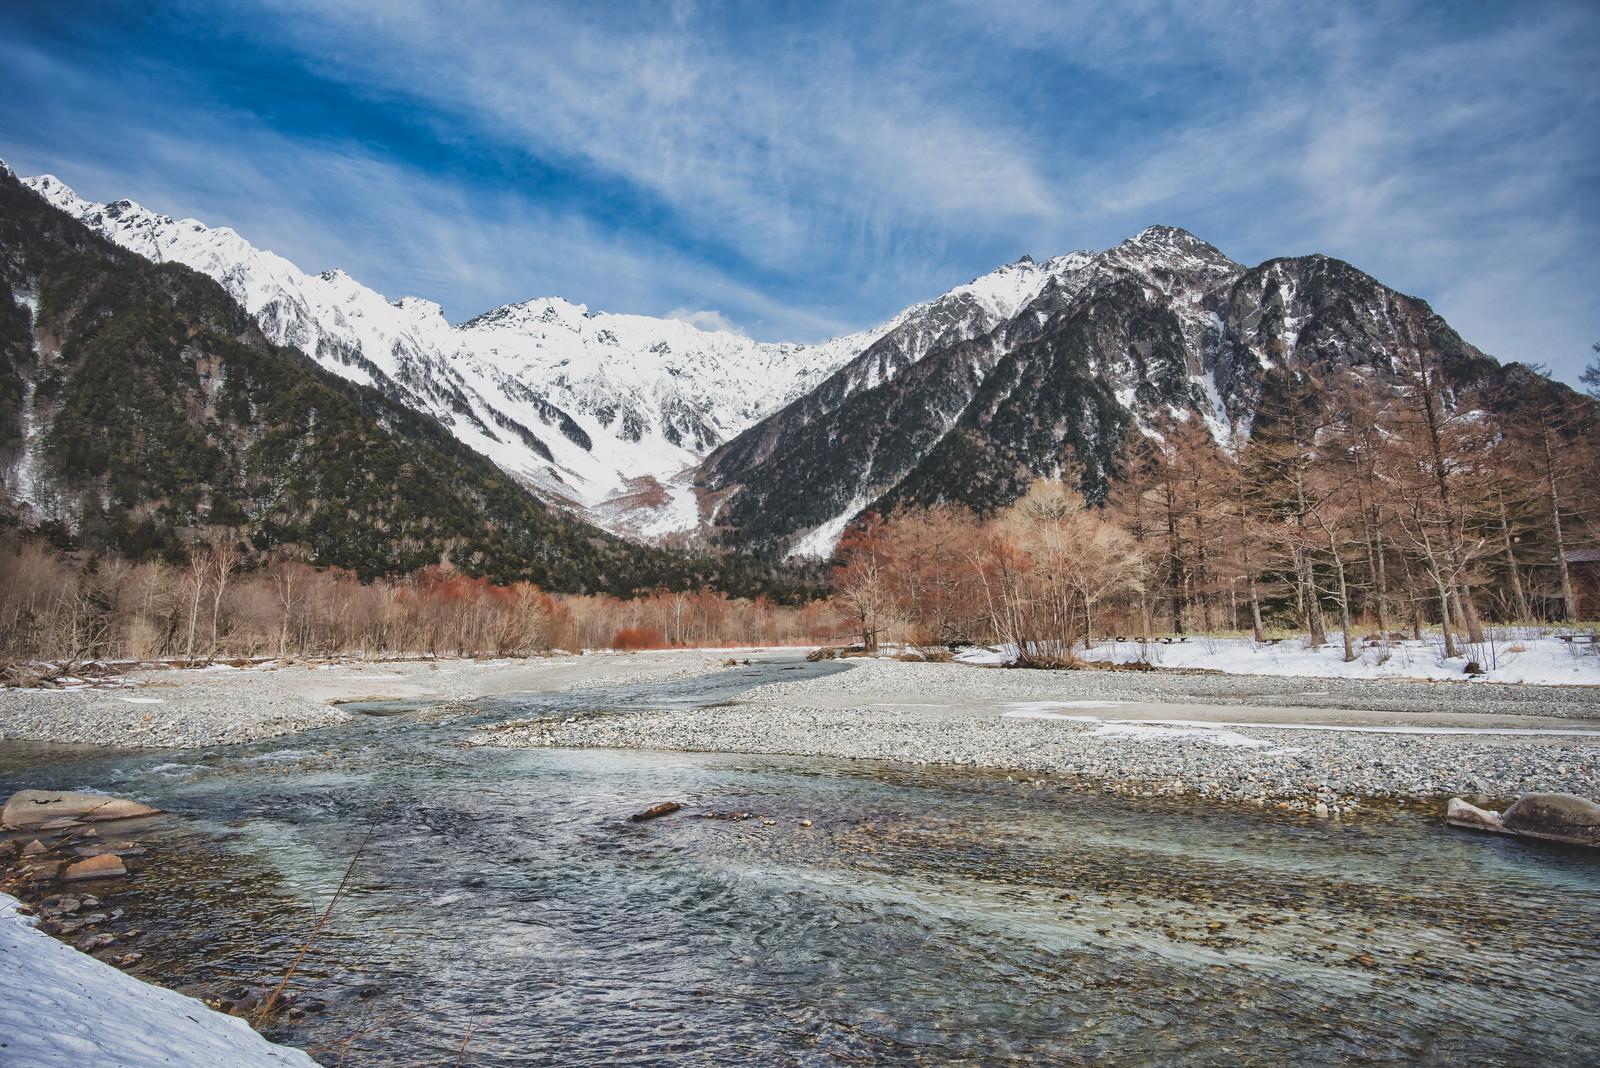 「厳冬の穂高連峰と梓川 | 写真の無料素材・フリー素材 - ぱくたそ」の写真